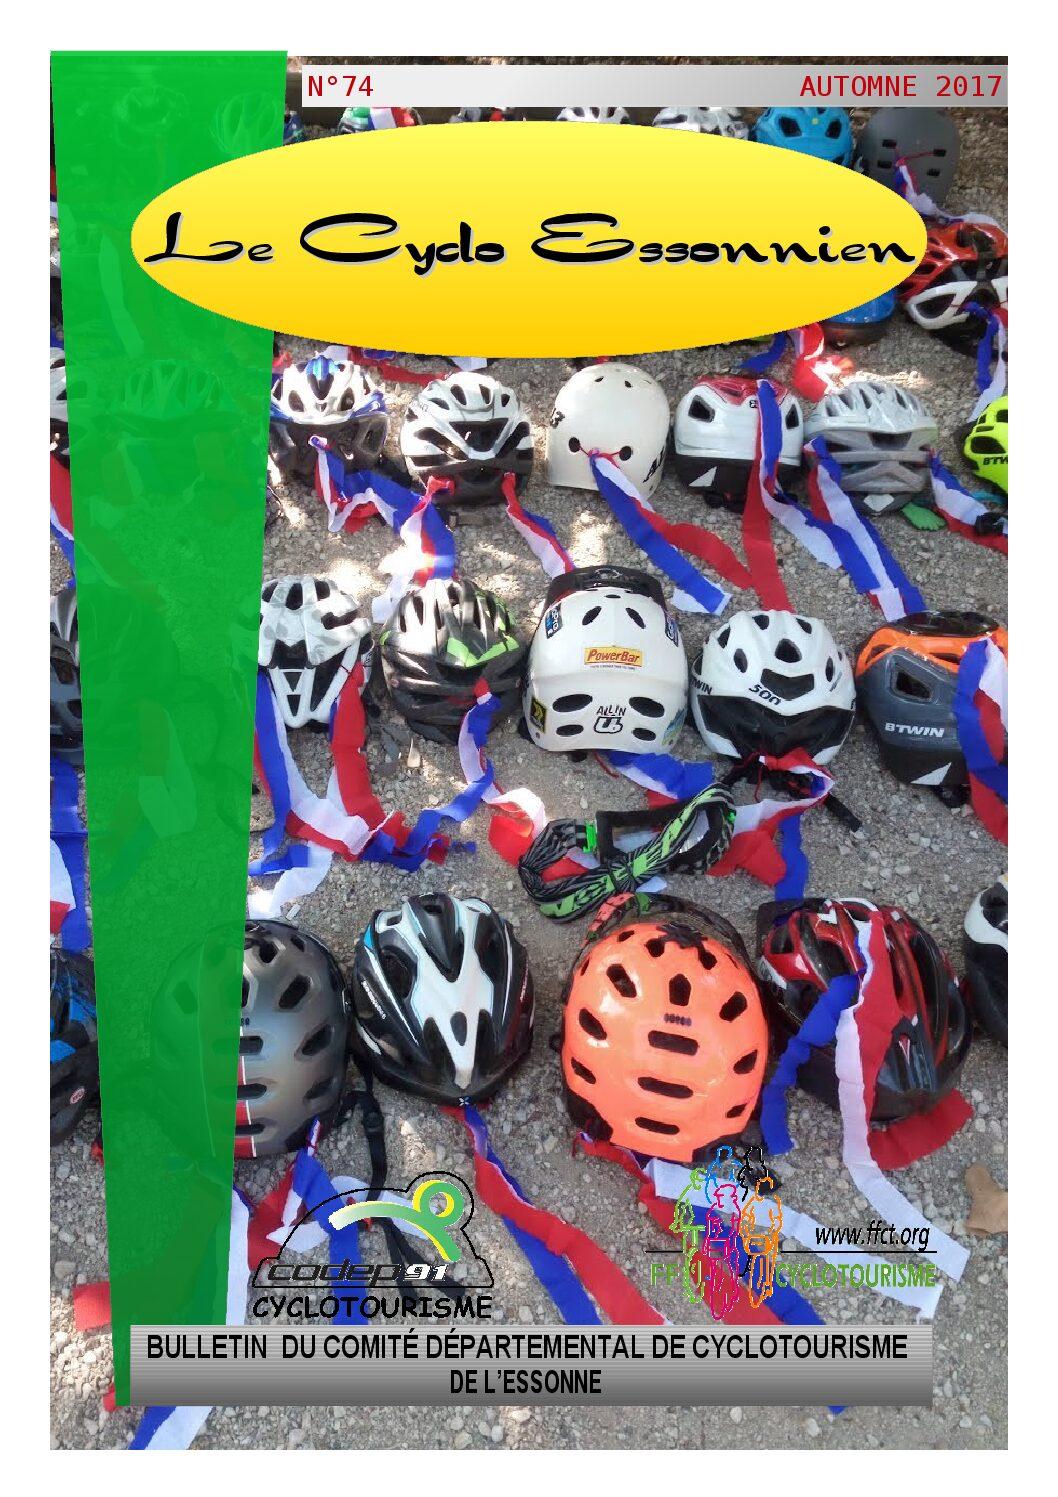 Le Cyclo Essonnien n°74